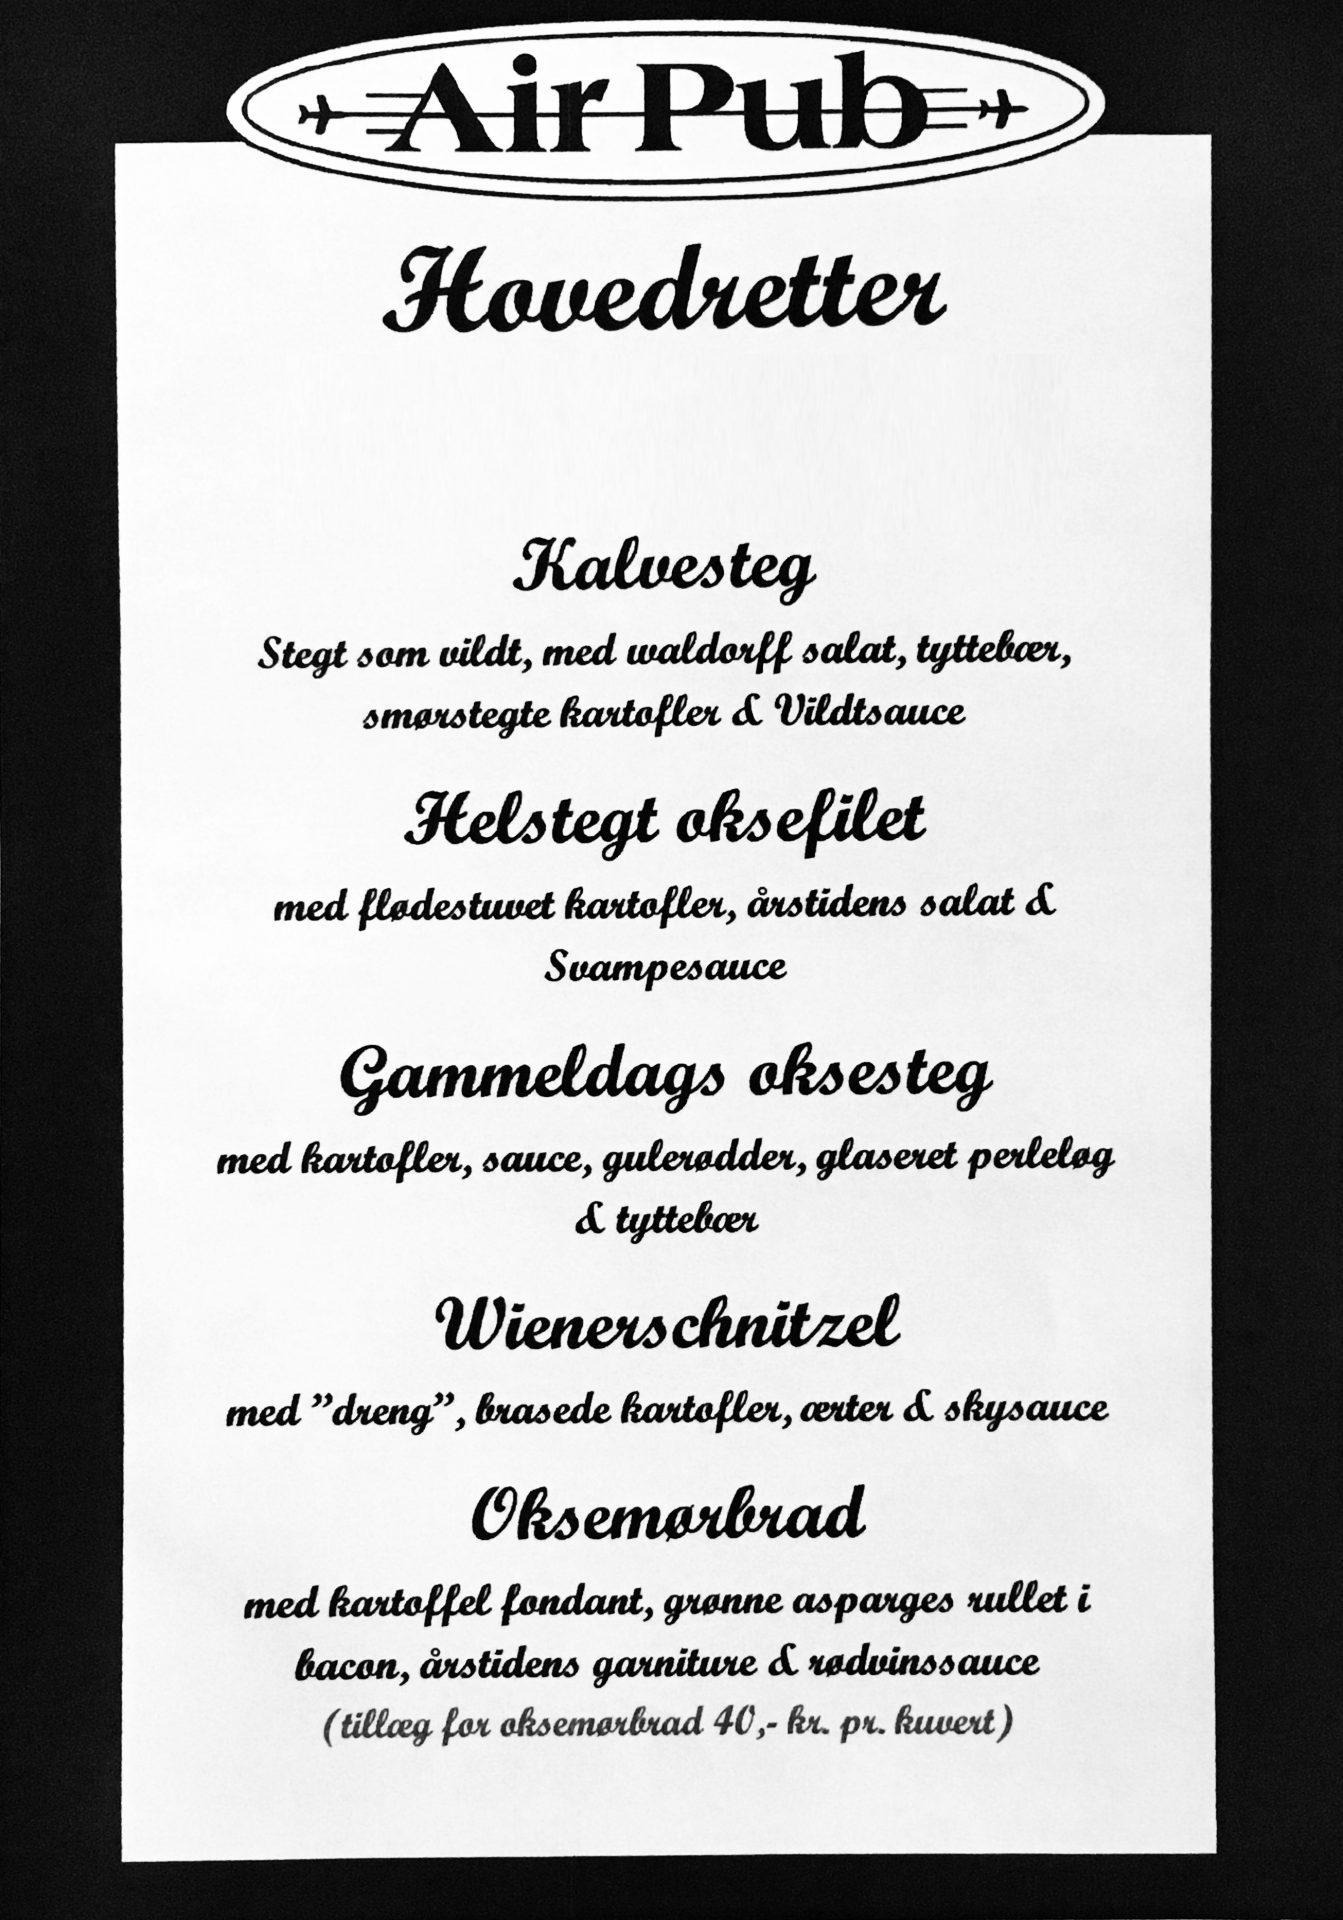 Hovedretter - Air Pub Restaurant og Konferencecenter i Kastrup